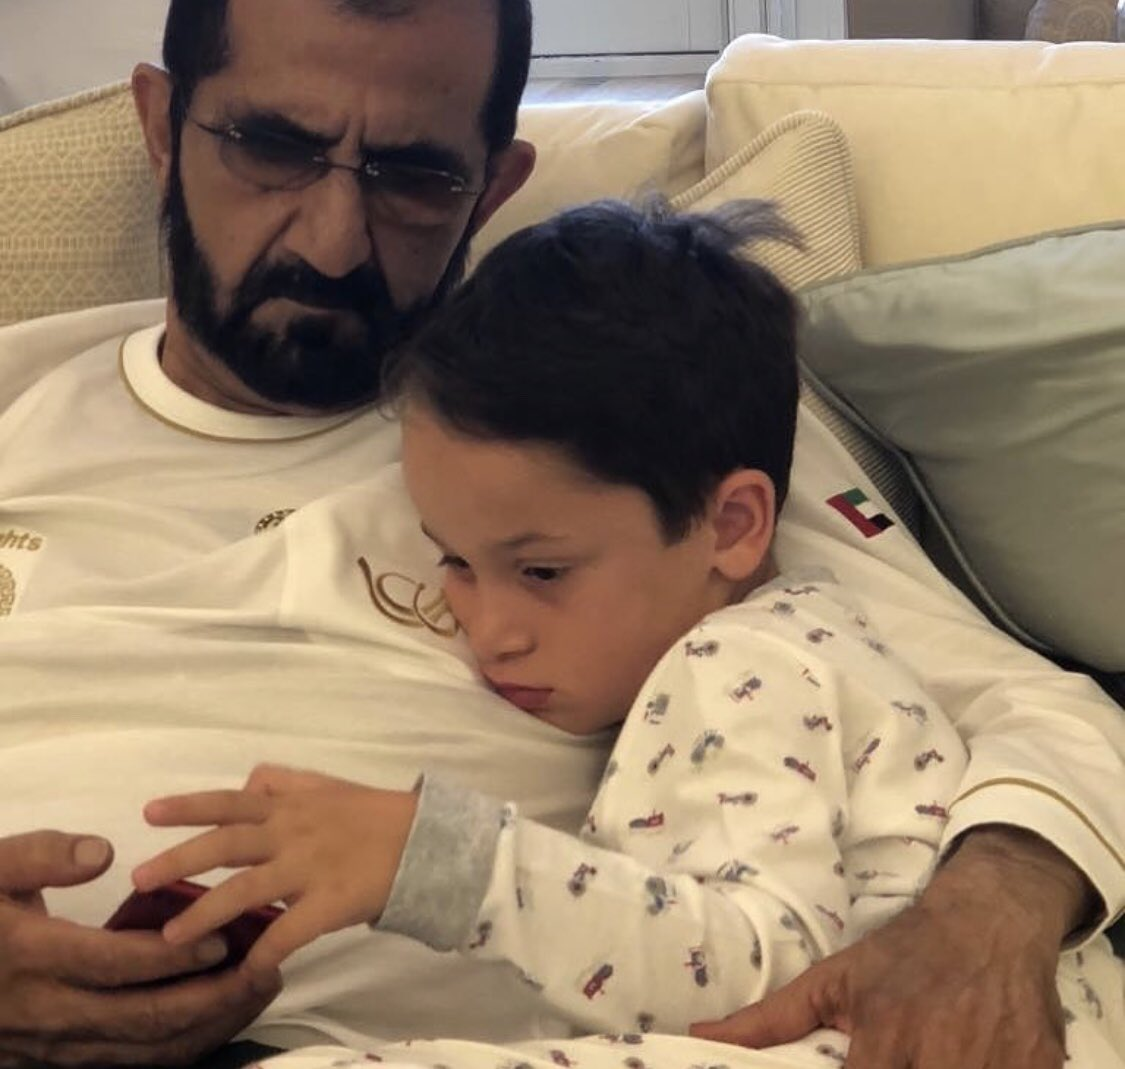 الشيخ محمد بن راشد آل مكتوم مع أحد أبنائه